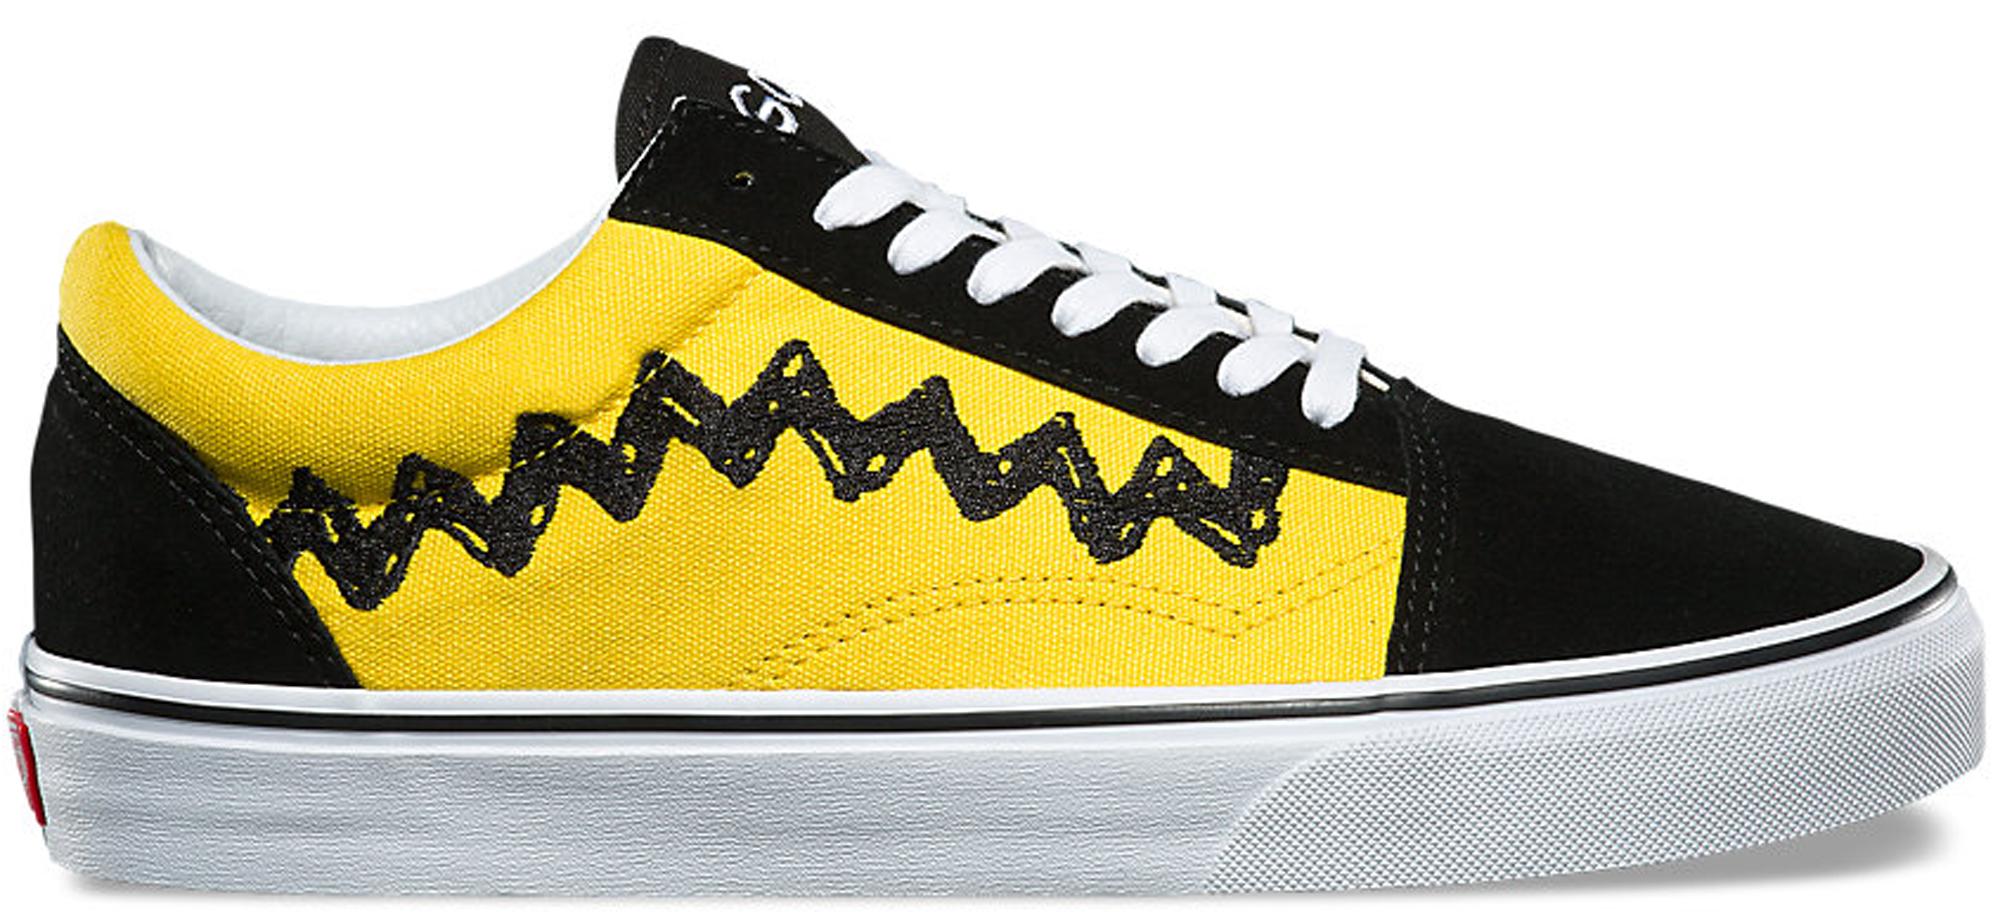 Custom Vans For Sale >> Vans Old Skool Peanuts Charlie Brown - VN0A38G1OHJ